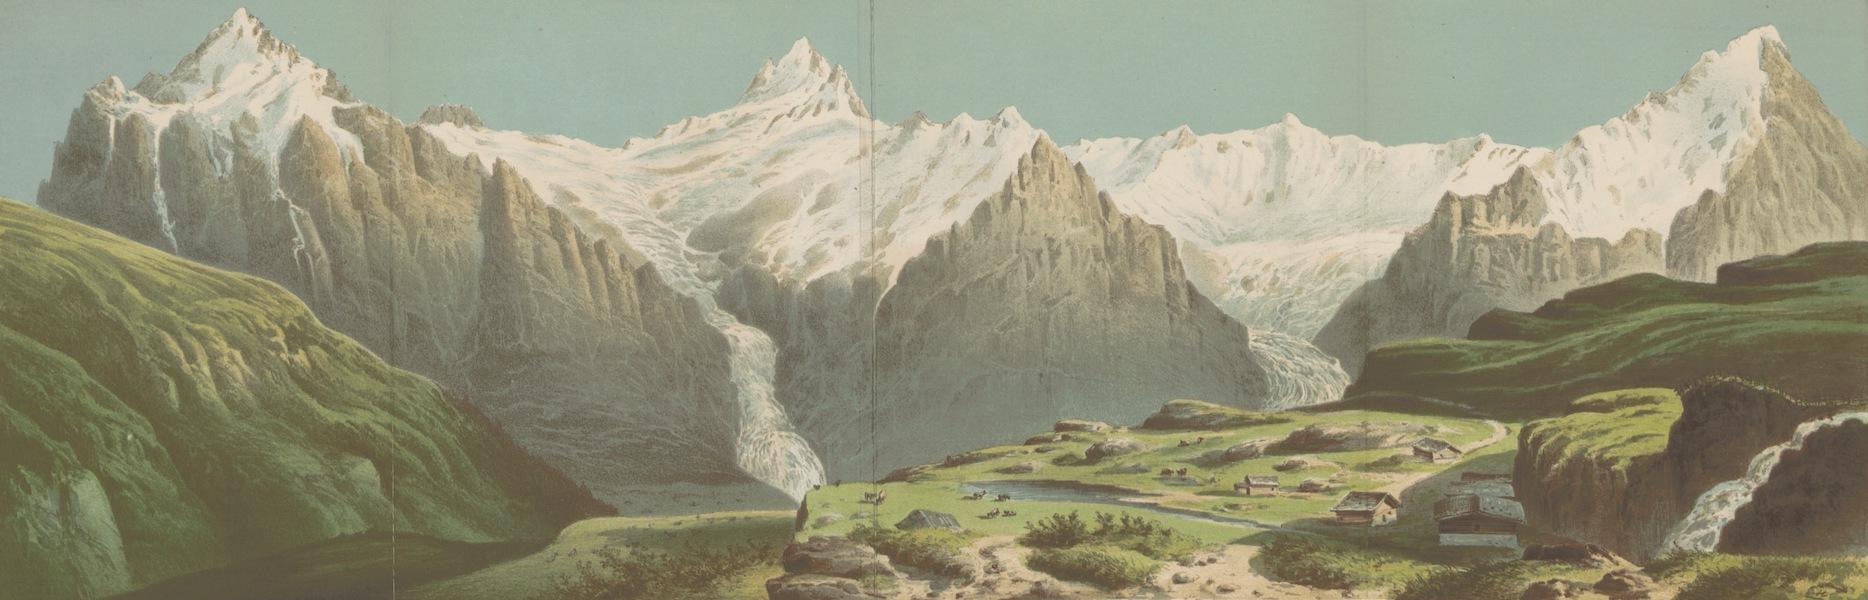 Das Hochgebirge von Grindelwald - Das Hochgebirge von Grindelwald (1865)